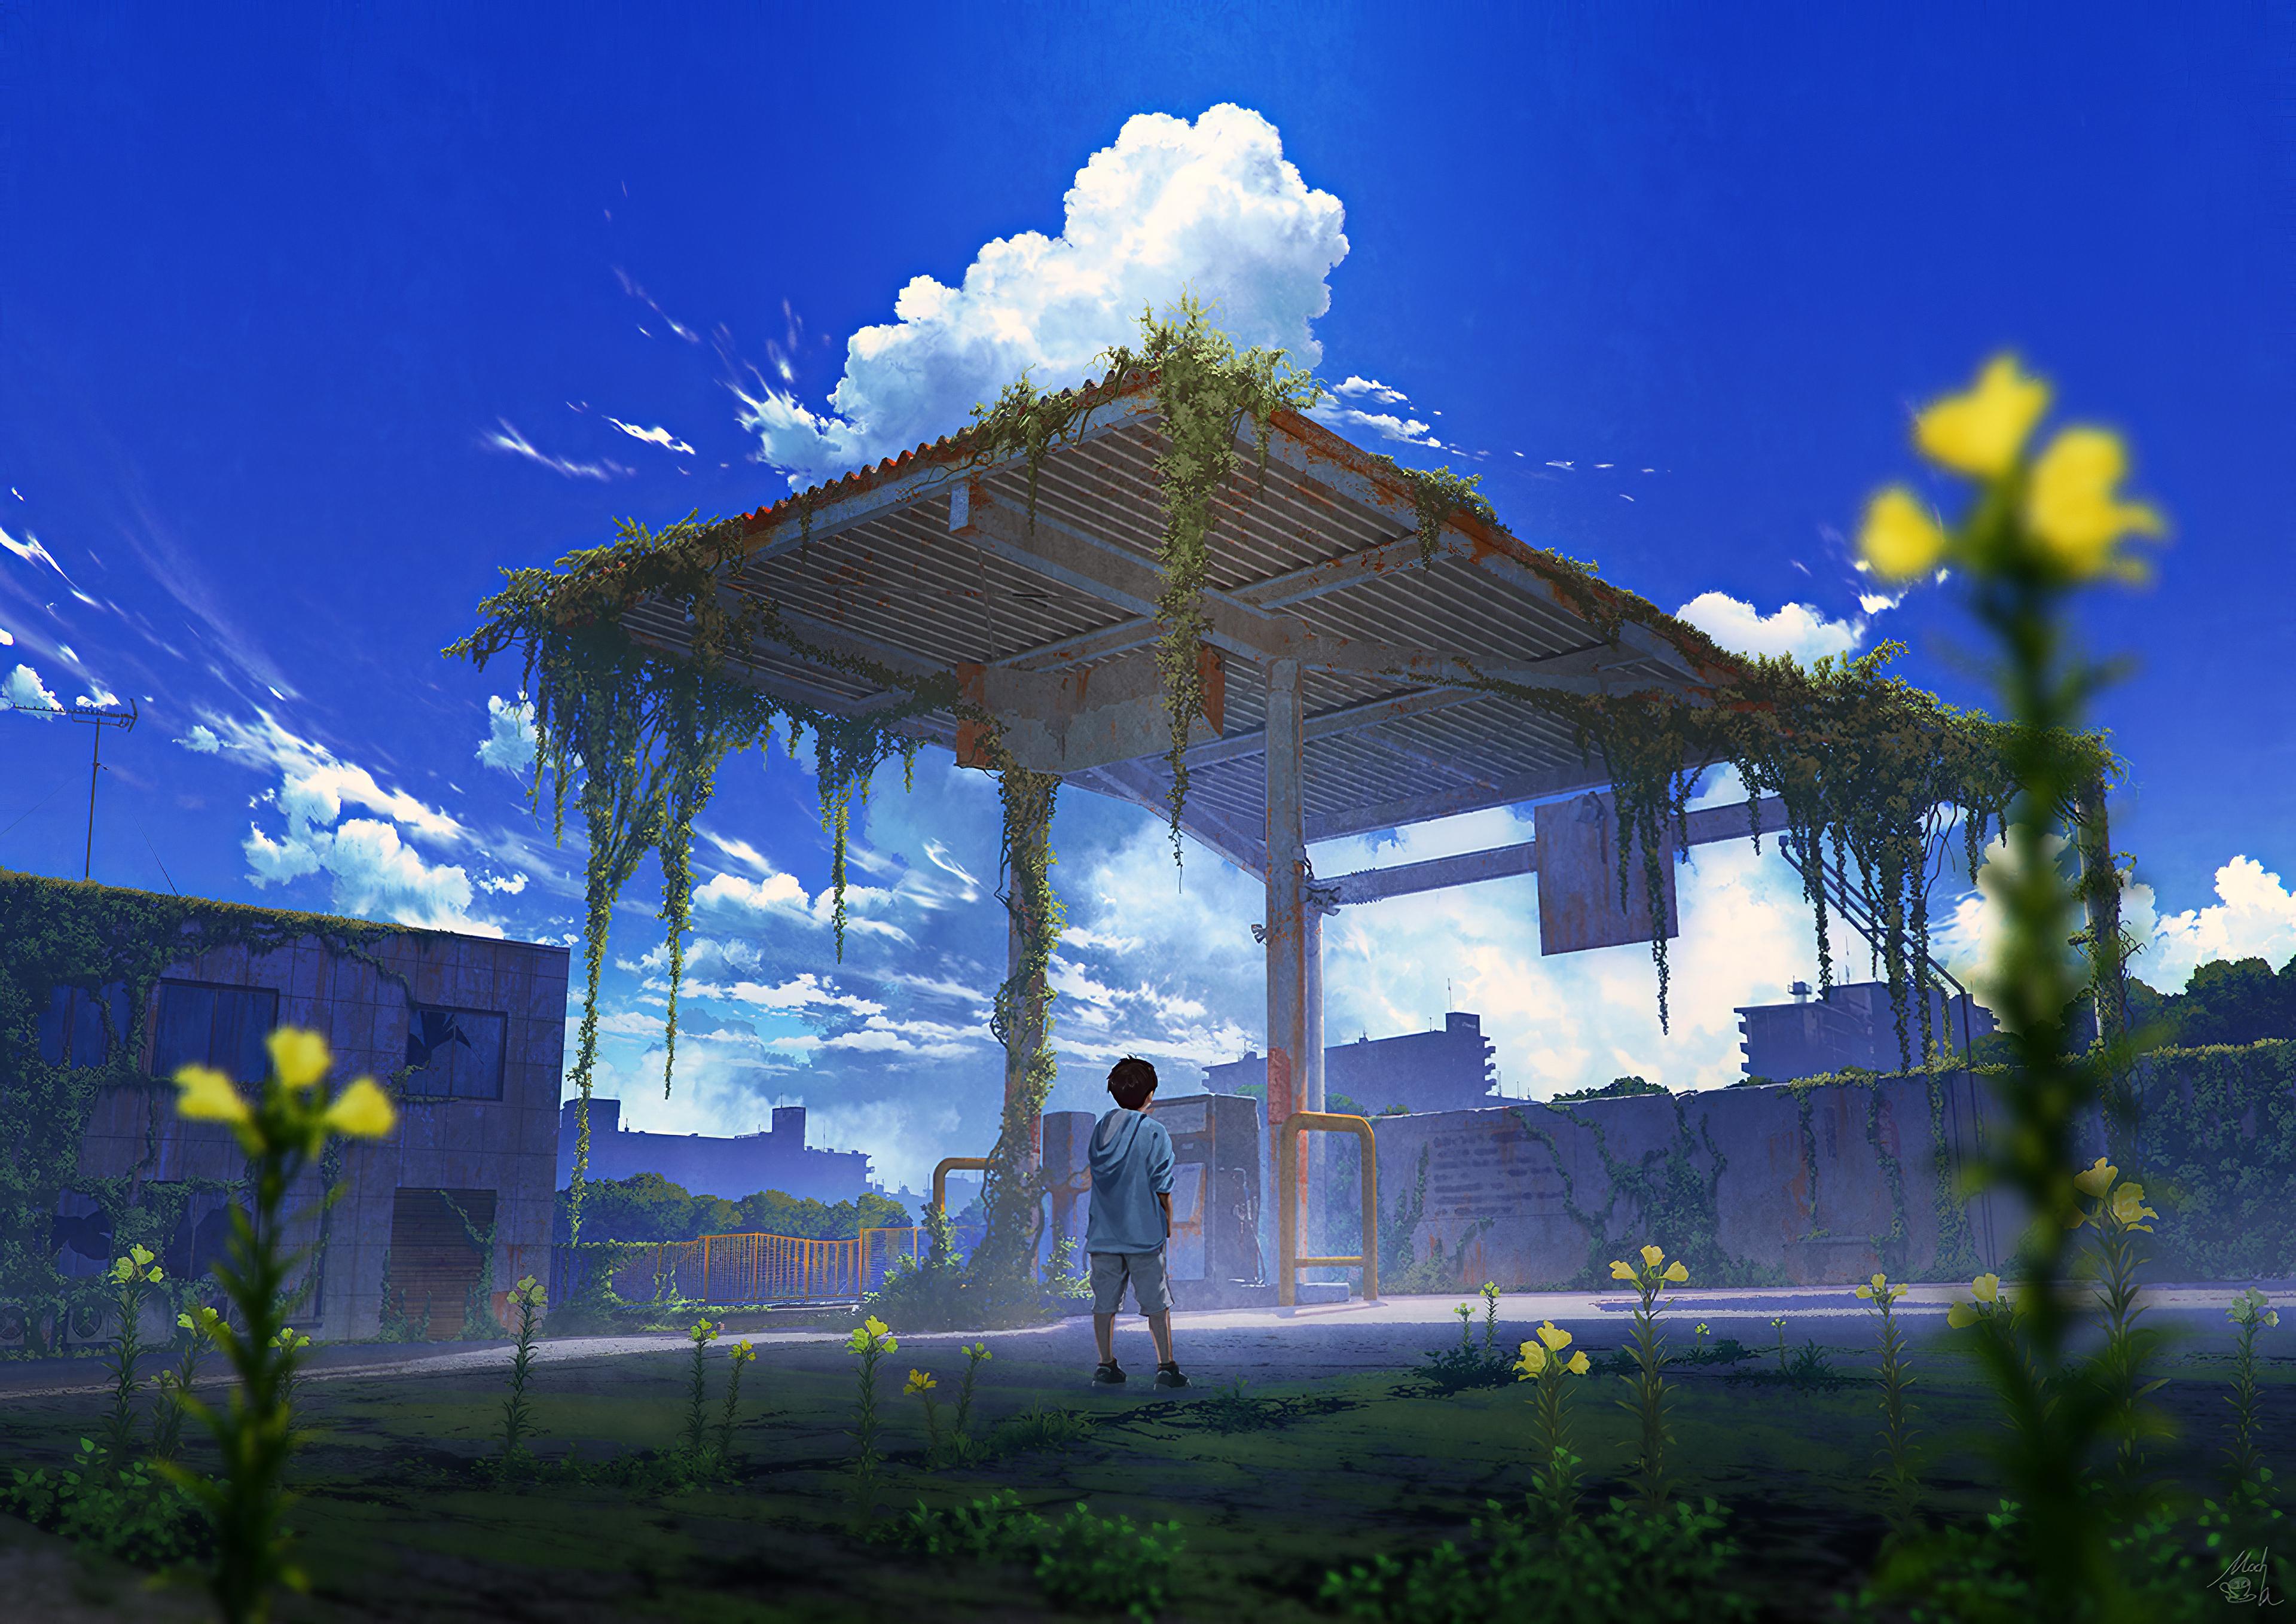 anime shed 1578254140 - Anime Shed -